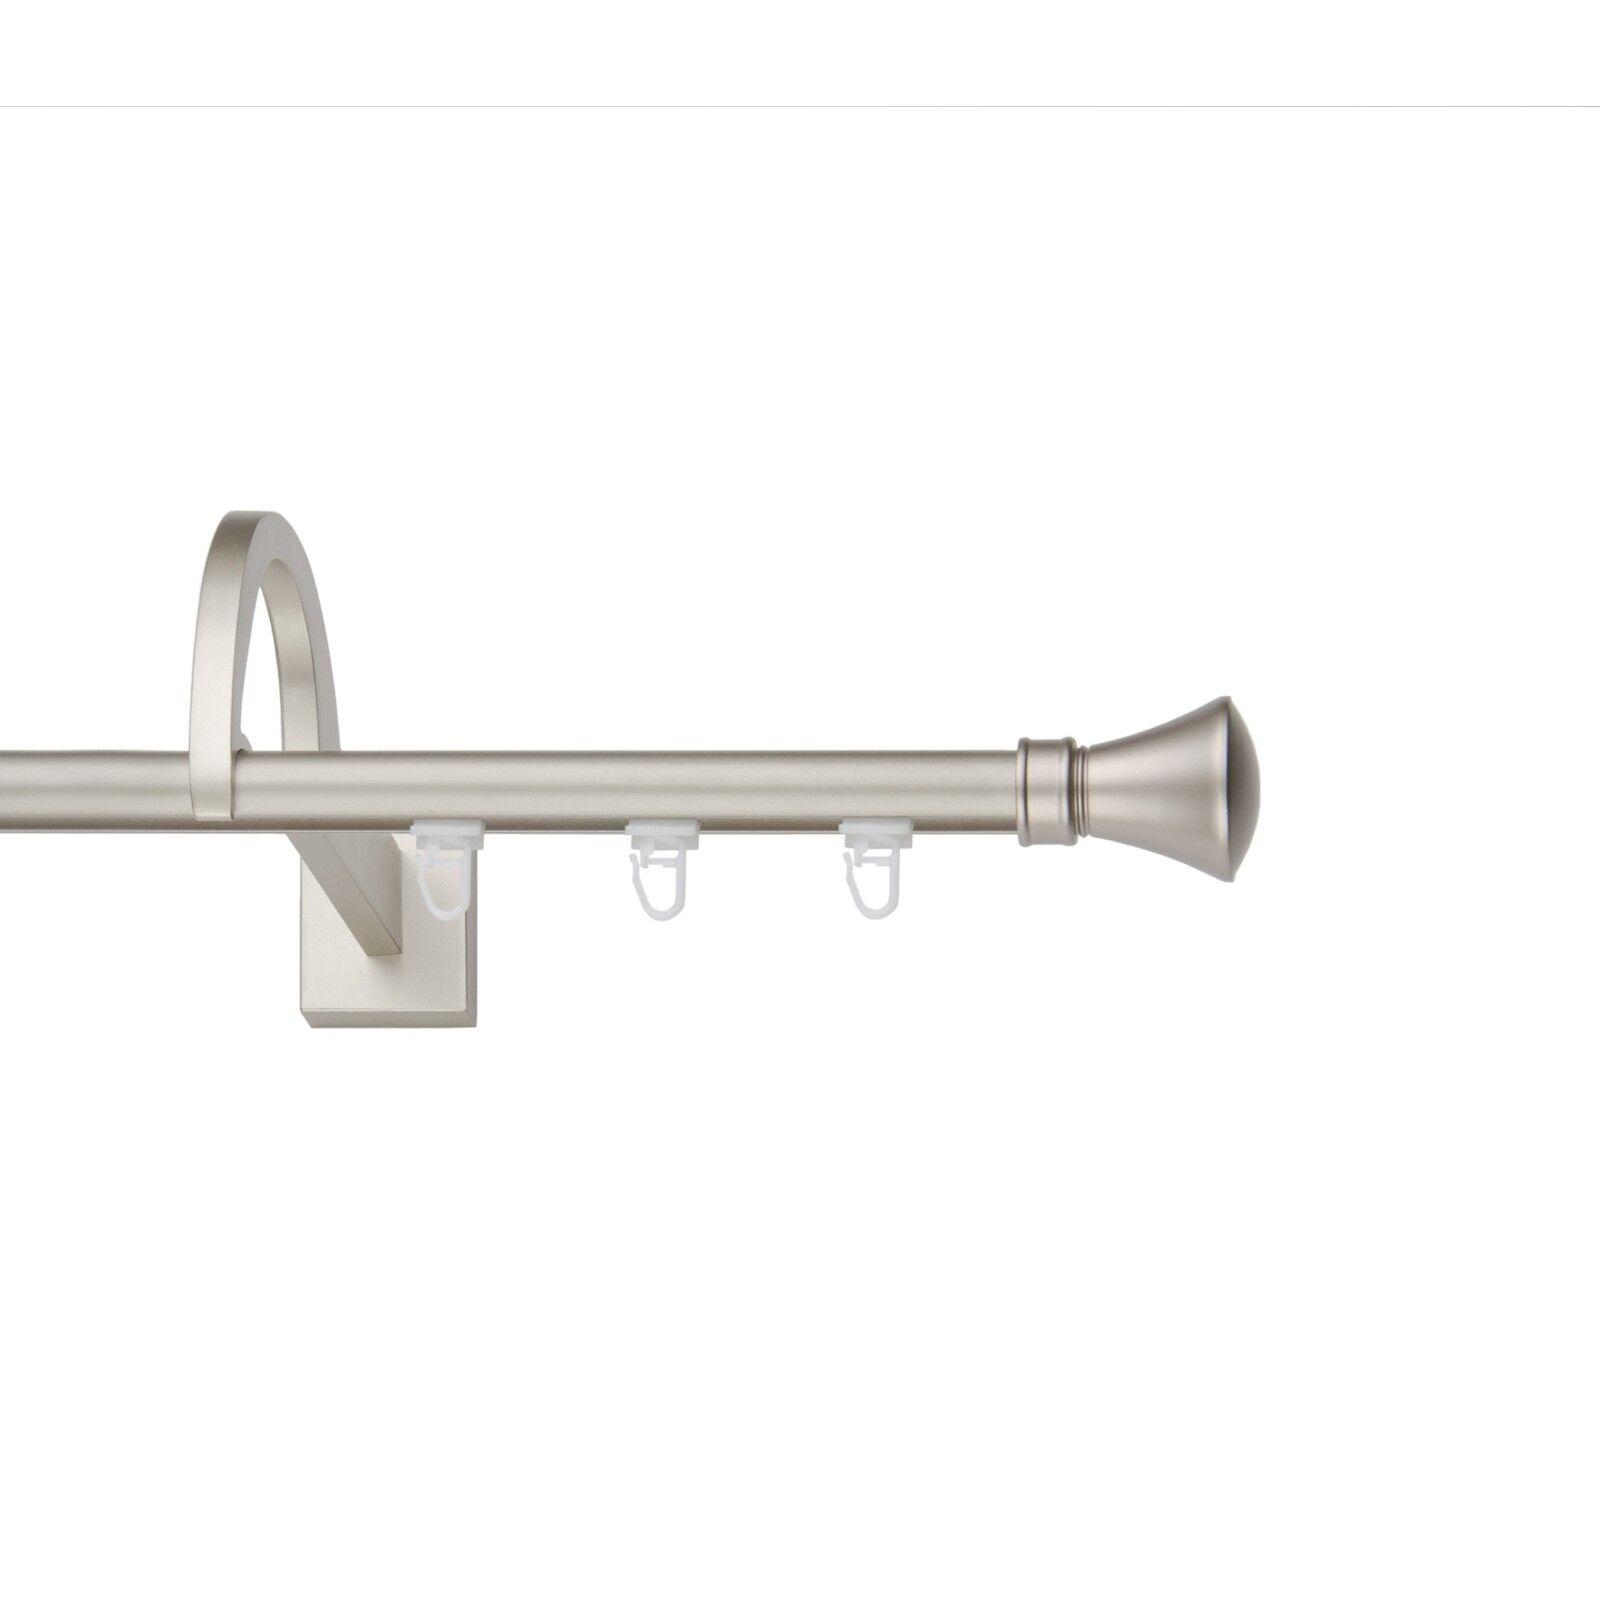 Innenlauf 19mm 19mm 19mm mit außergewöhnlicher Halterung(Chrom-Matt),1 2-Läuf, 120-600cm, | Niedrige Kosten  | Hohe Qualität Und Geringen Overhead  5349c9